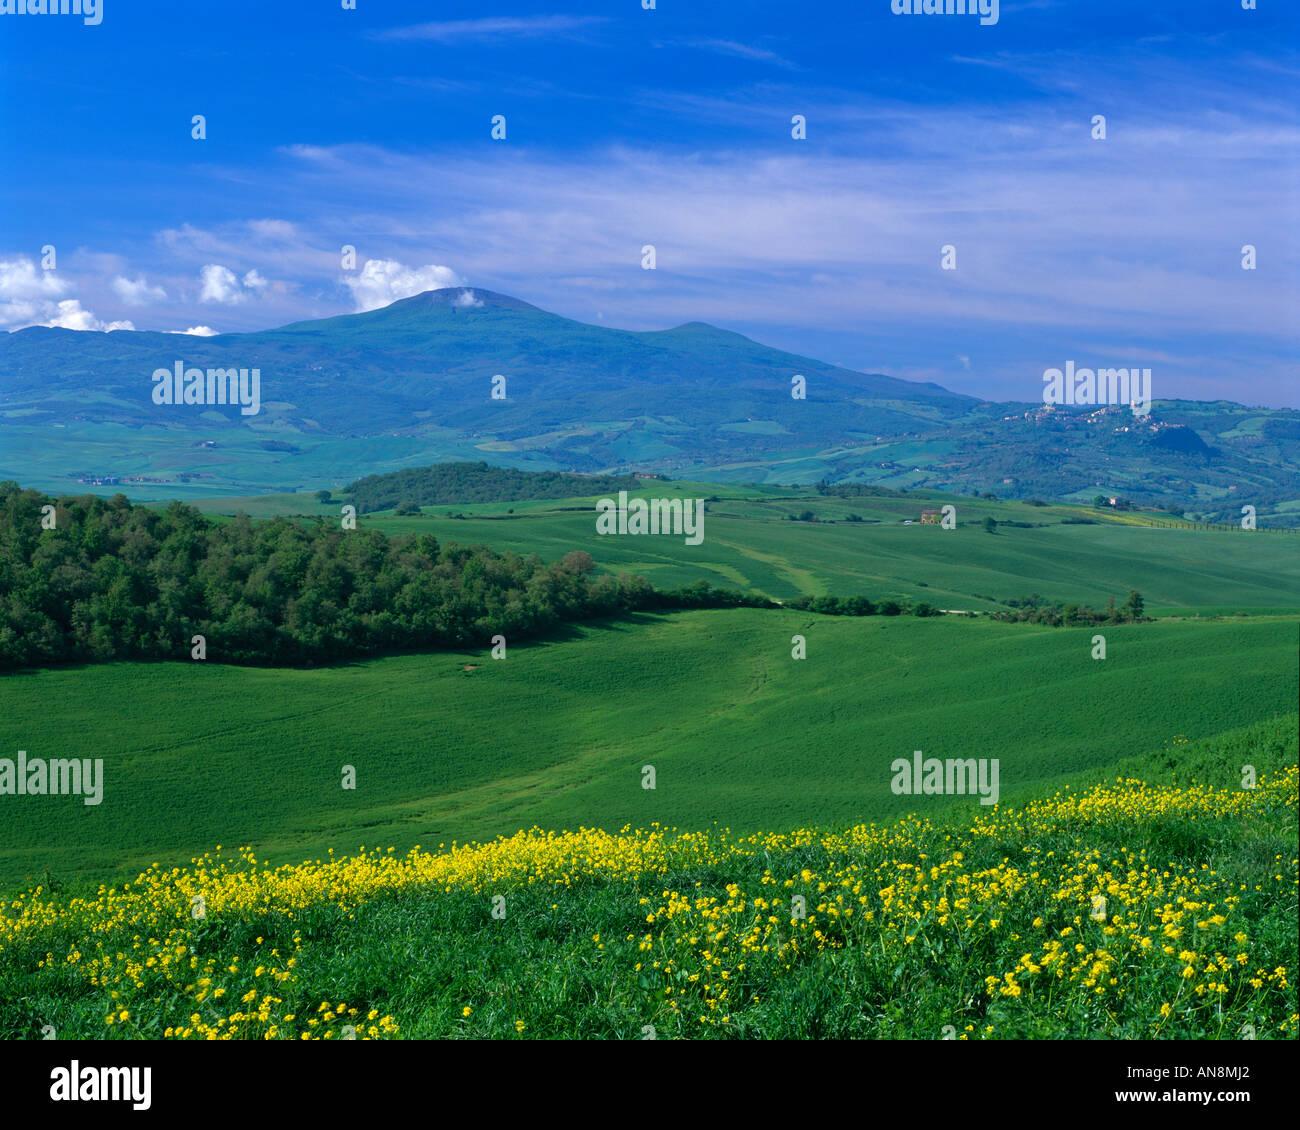 Frühling in der Toskana, Italien Stockfoto